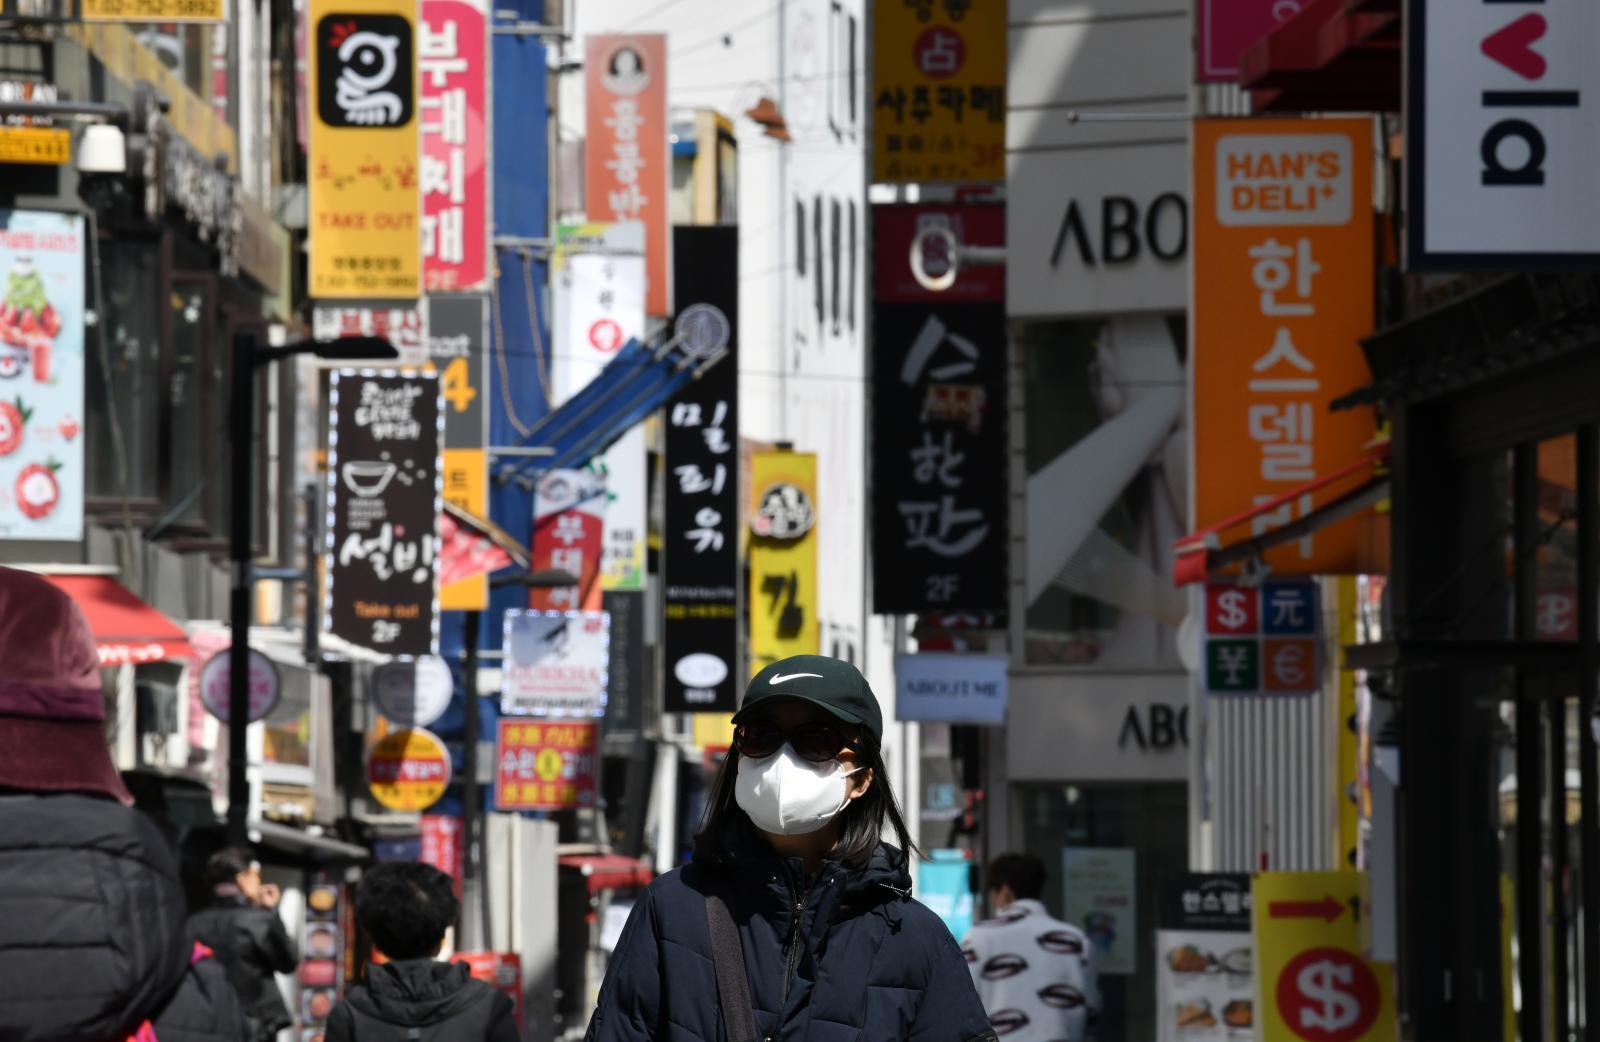 ปธน.เกาหลีใต้เชื่อคุมโควิดระบาดจากผับย่านอีแทวอนได้แล้ว